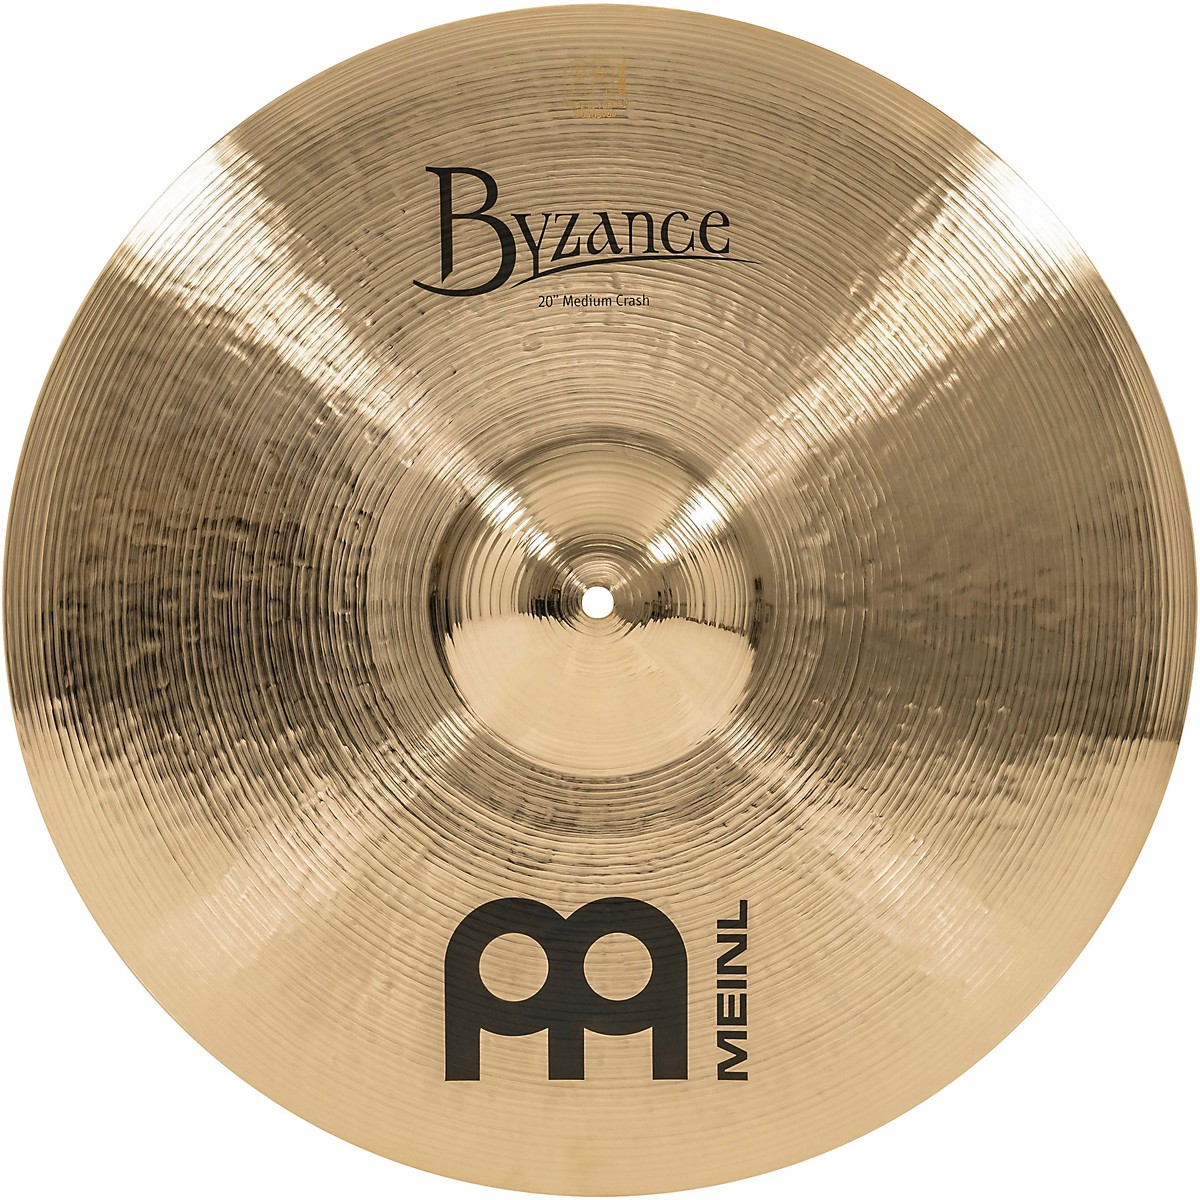 Meinl Byzance Brilliant Medium Crash Cymbal